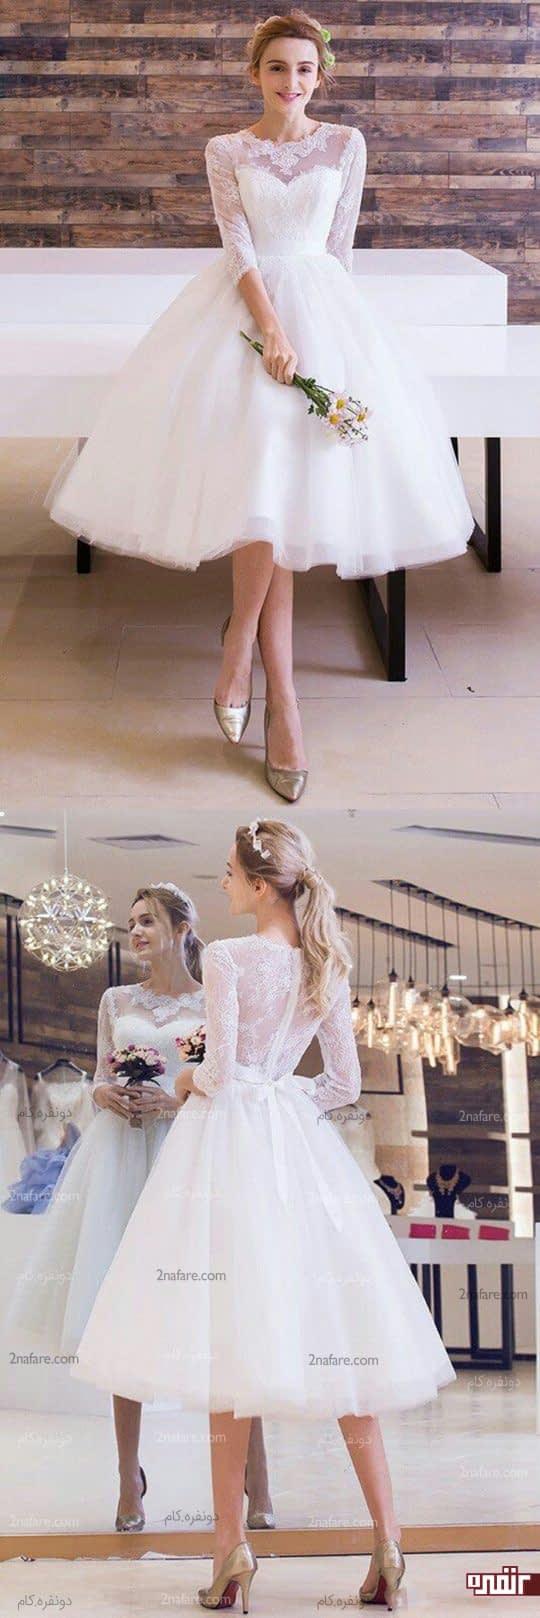 لباس عروس برای مراسم عقد